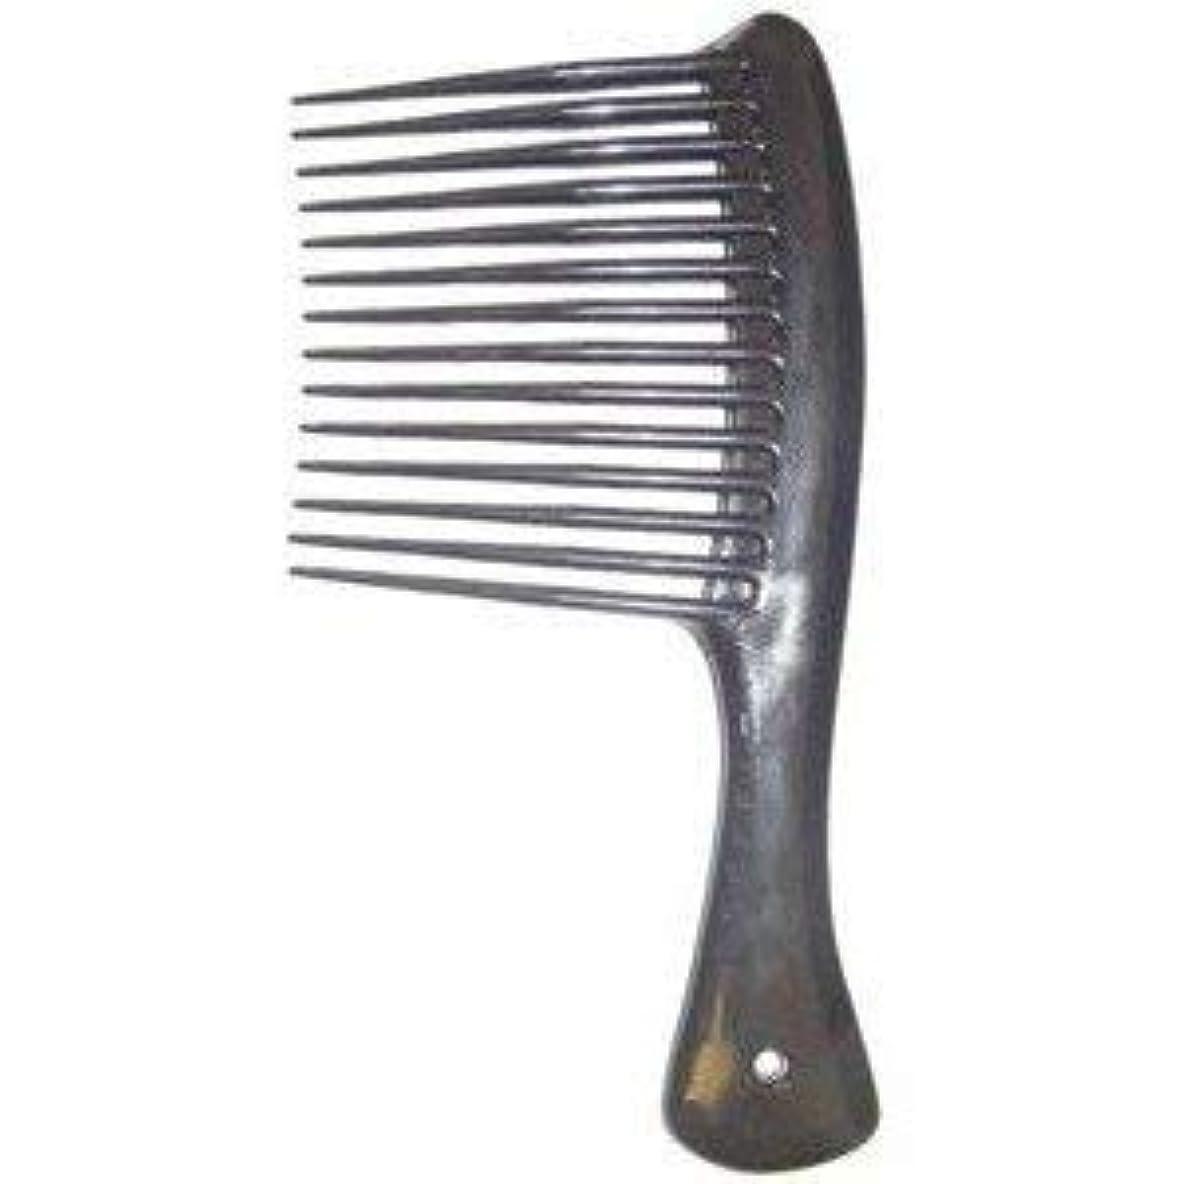 死すべきメンタースープLarge Tooth Shampoo Detangling Comb Rack Hair Comb (Black) [並行輸入品]